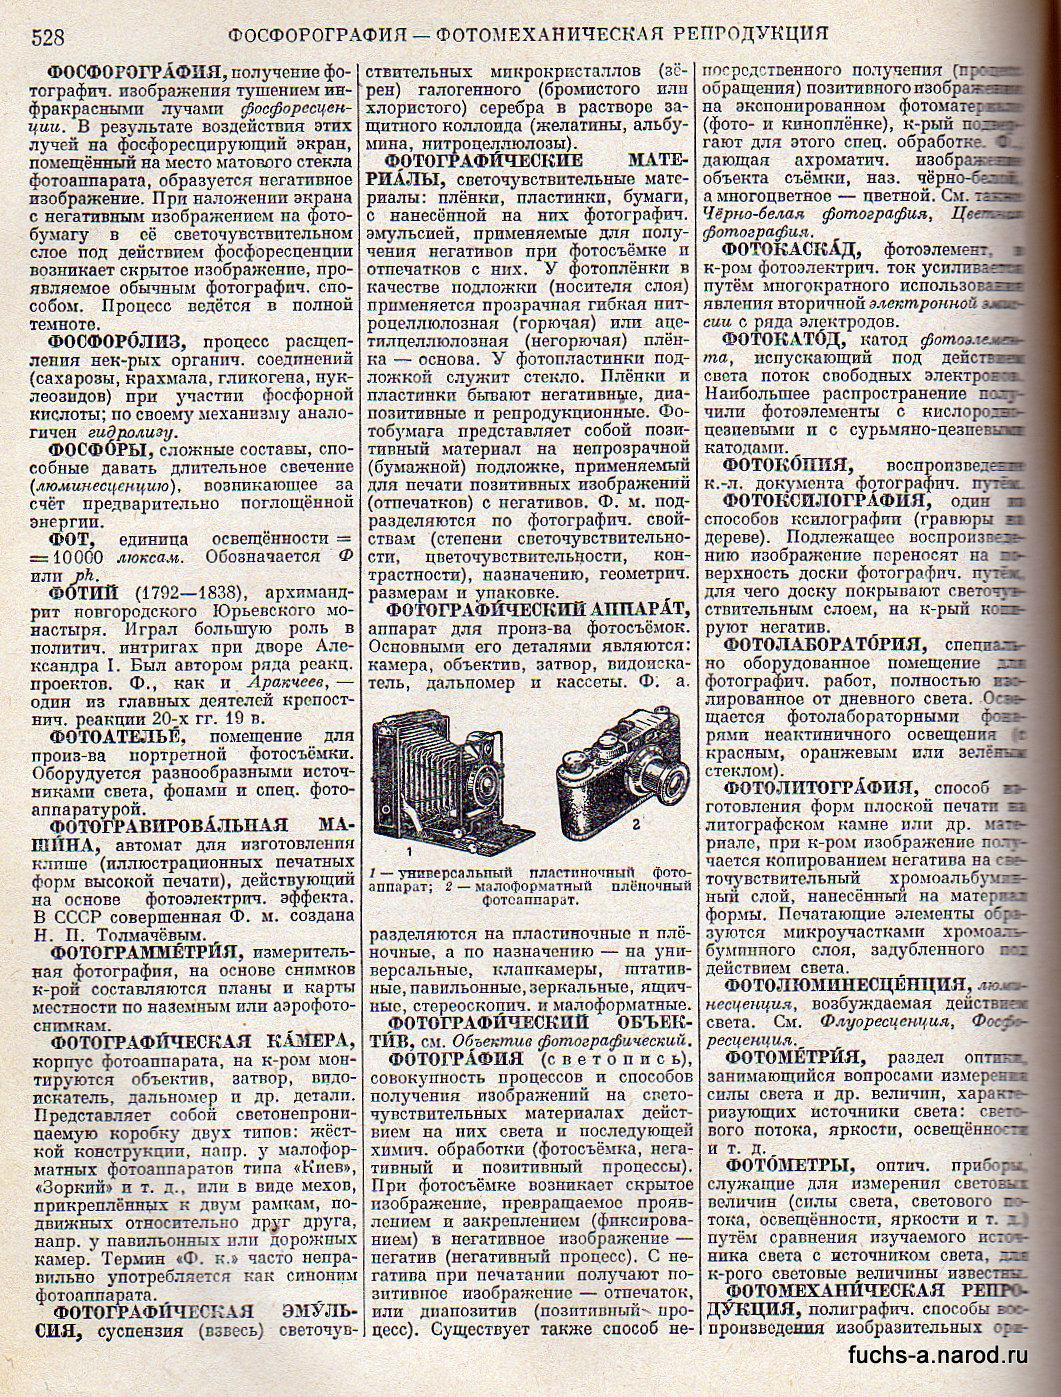 фото в энциклопедии